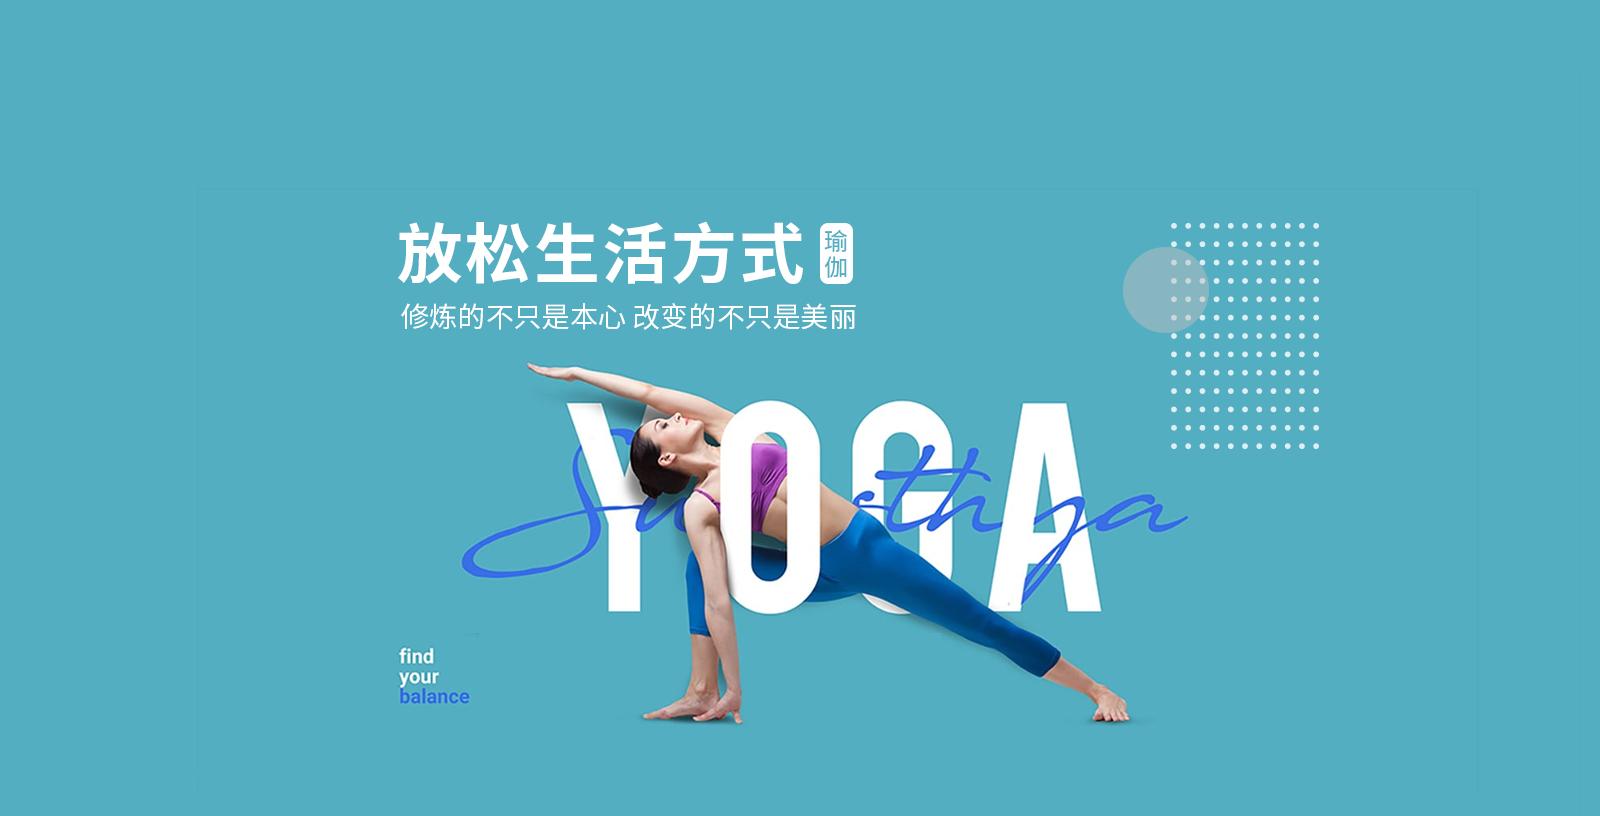 福州瑜伽培训机构